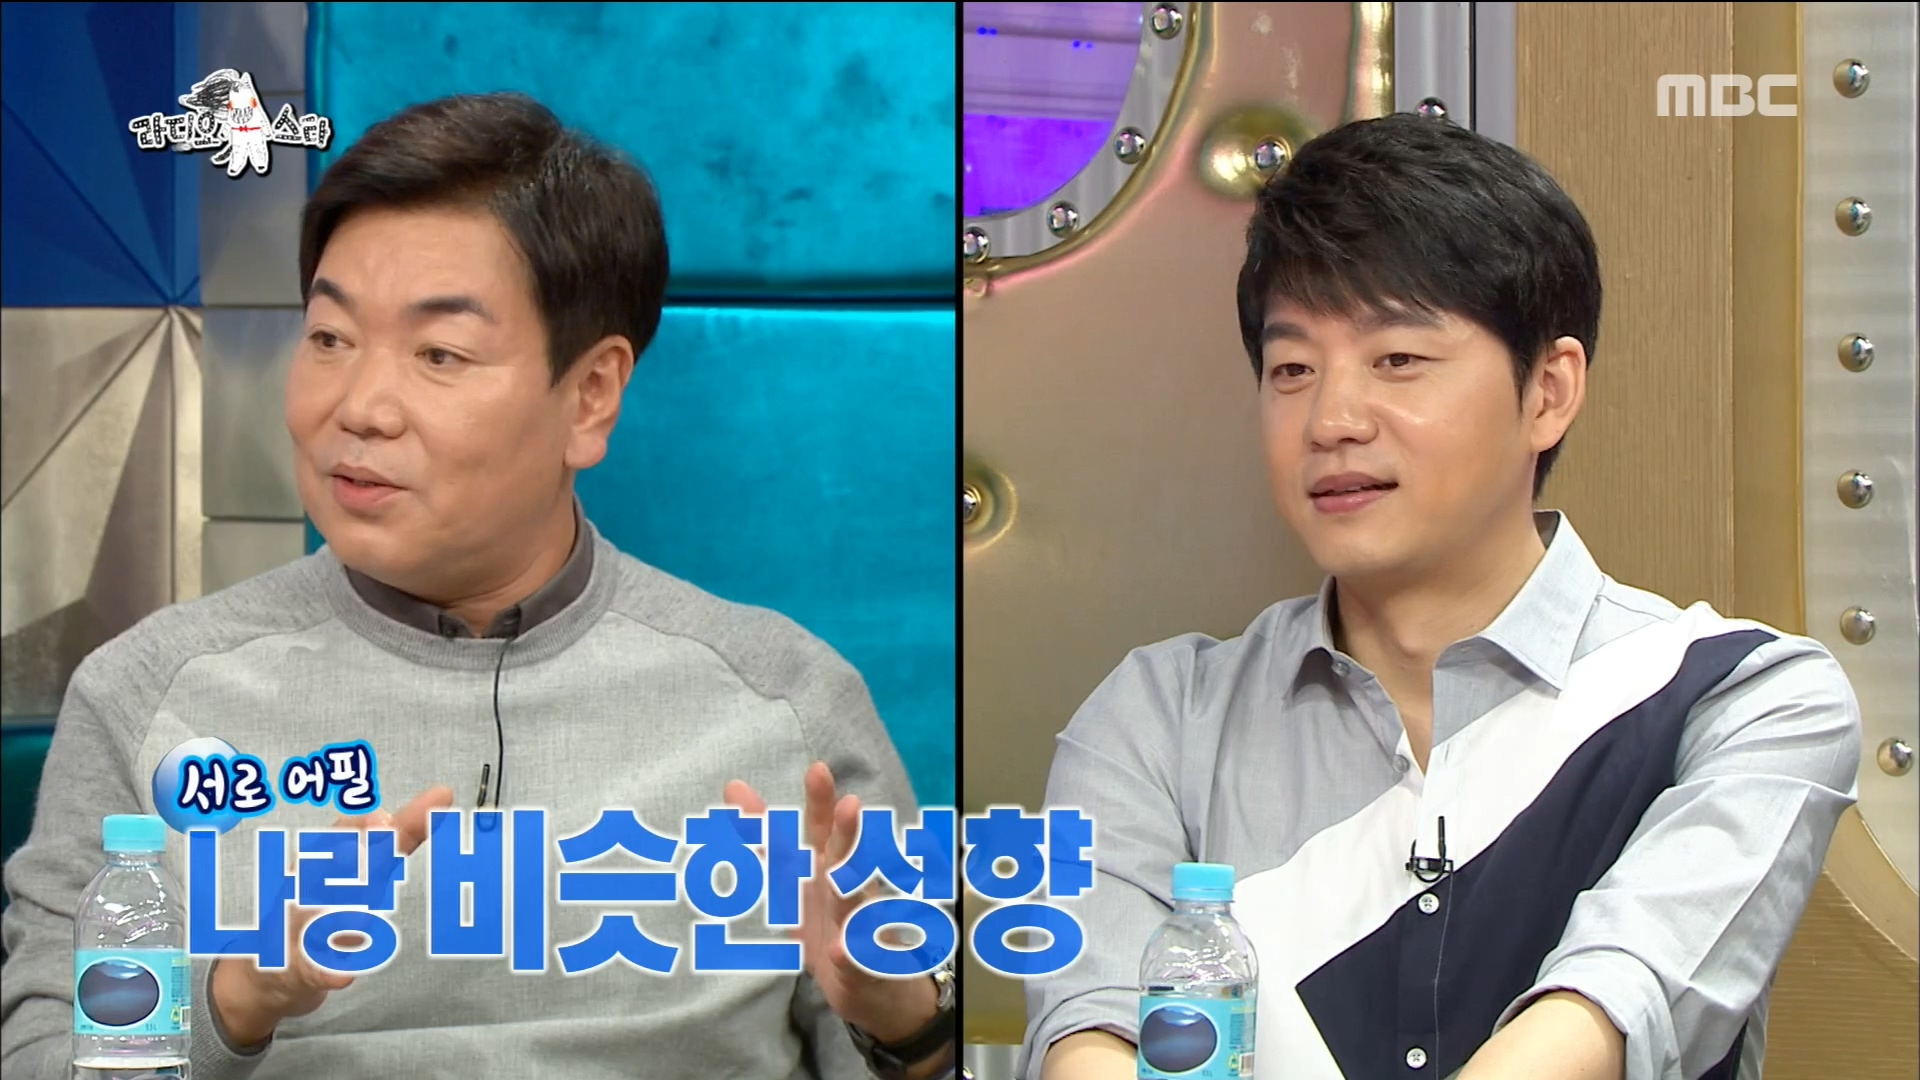 김일우 vs 김병세, 김승수는 나와 비슷하다!